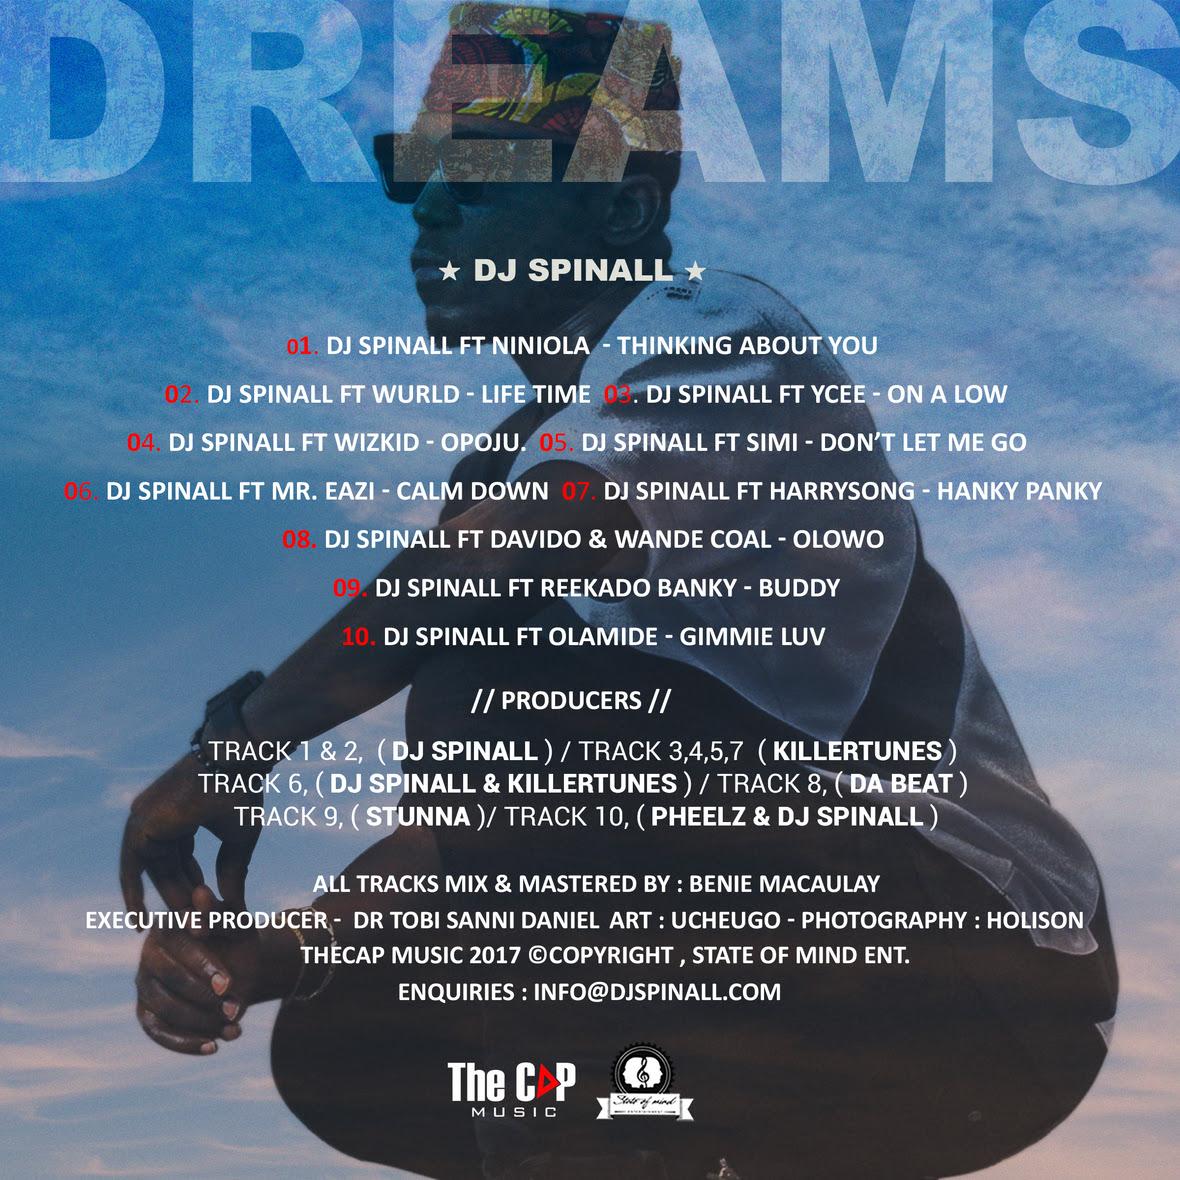 DREAMS - DJ Spinall Tracklist